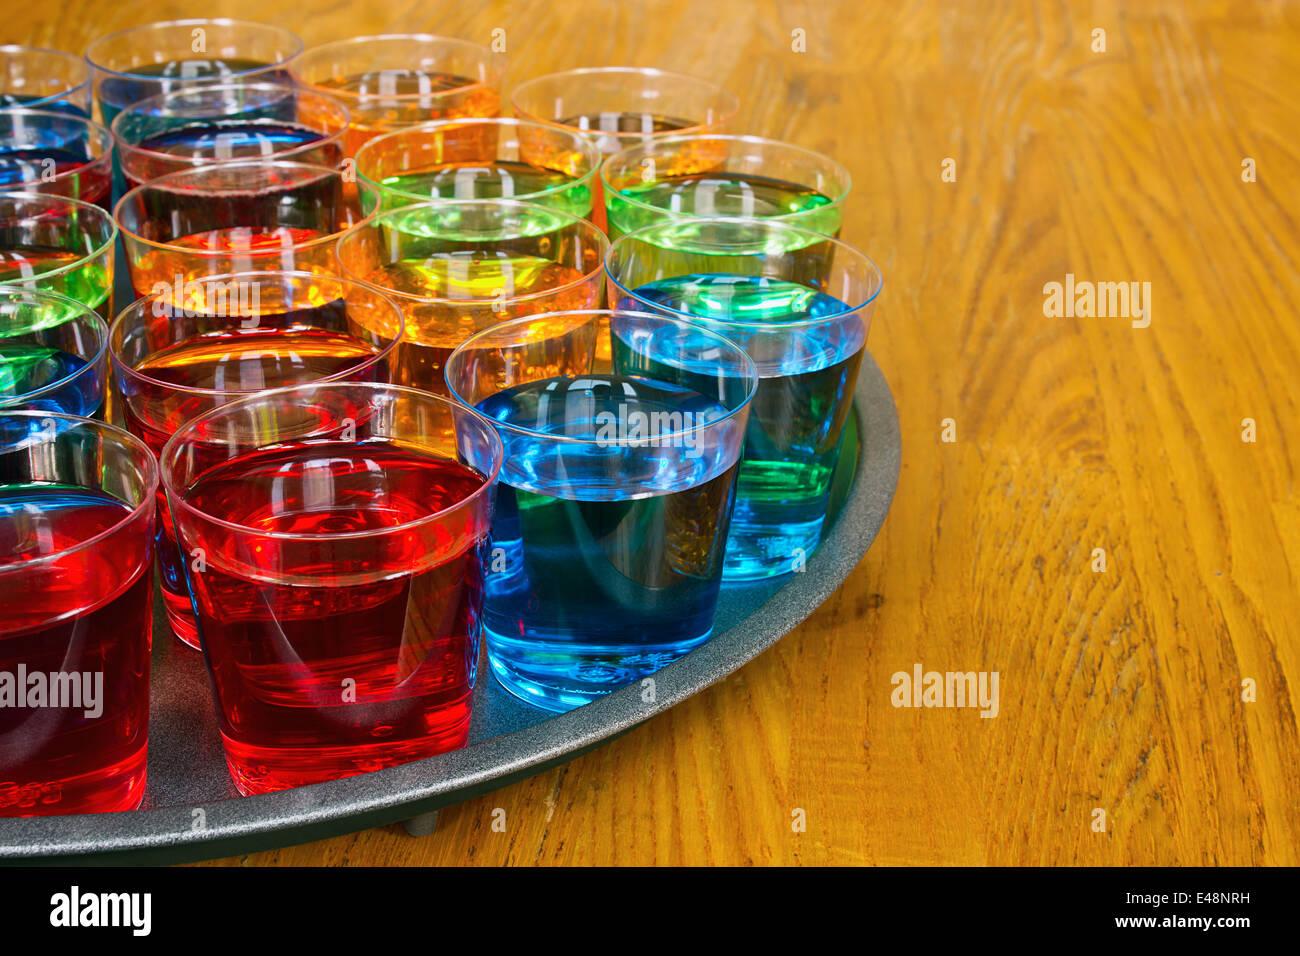 Getränke-Promotion mit verschiedenen Aufnahmen auf einem Tablett als Sampler oder Verkoster für Merchandising Stockbild